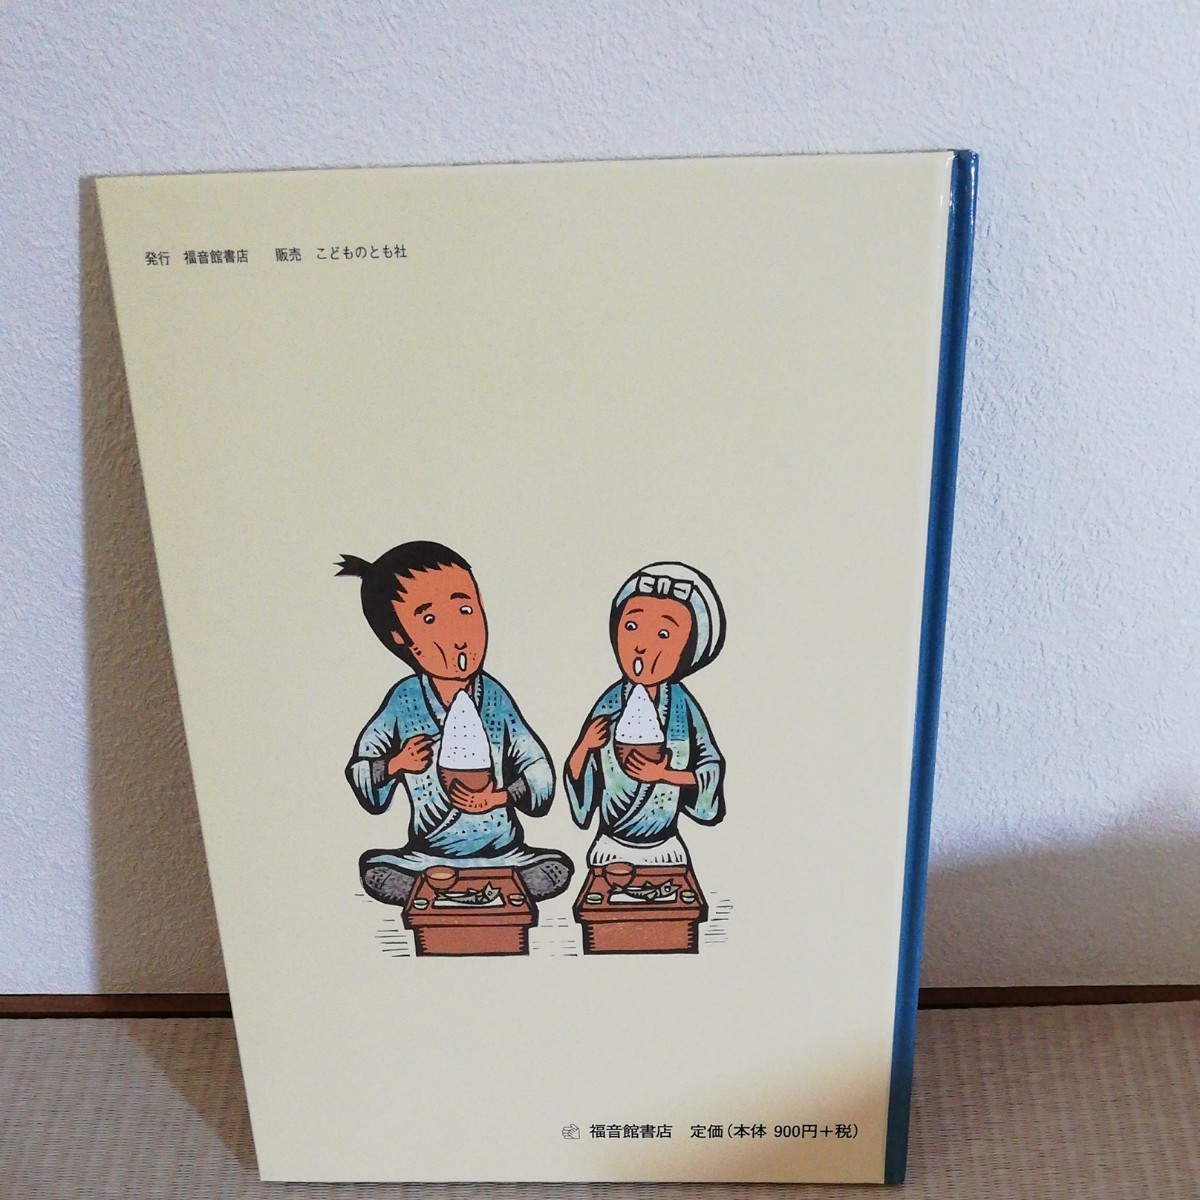 福音館 こどものとも社 2冊 おしいれじいさん びんぼうがみさま 昔話 ハード